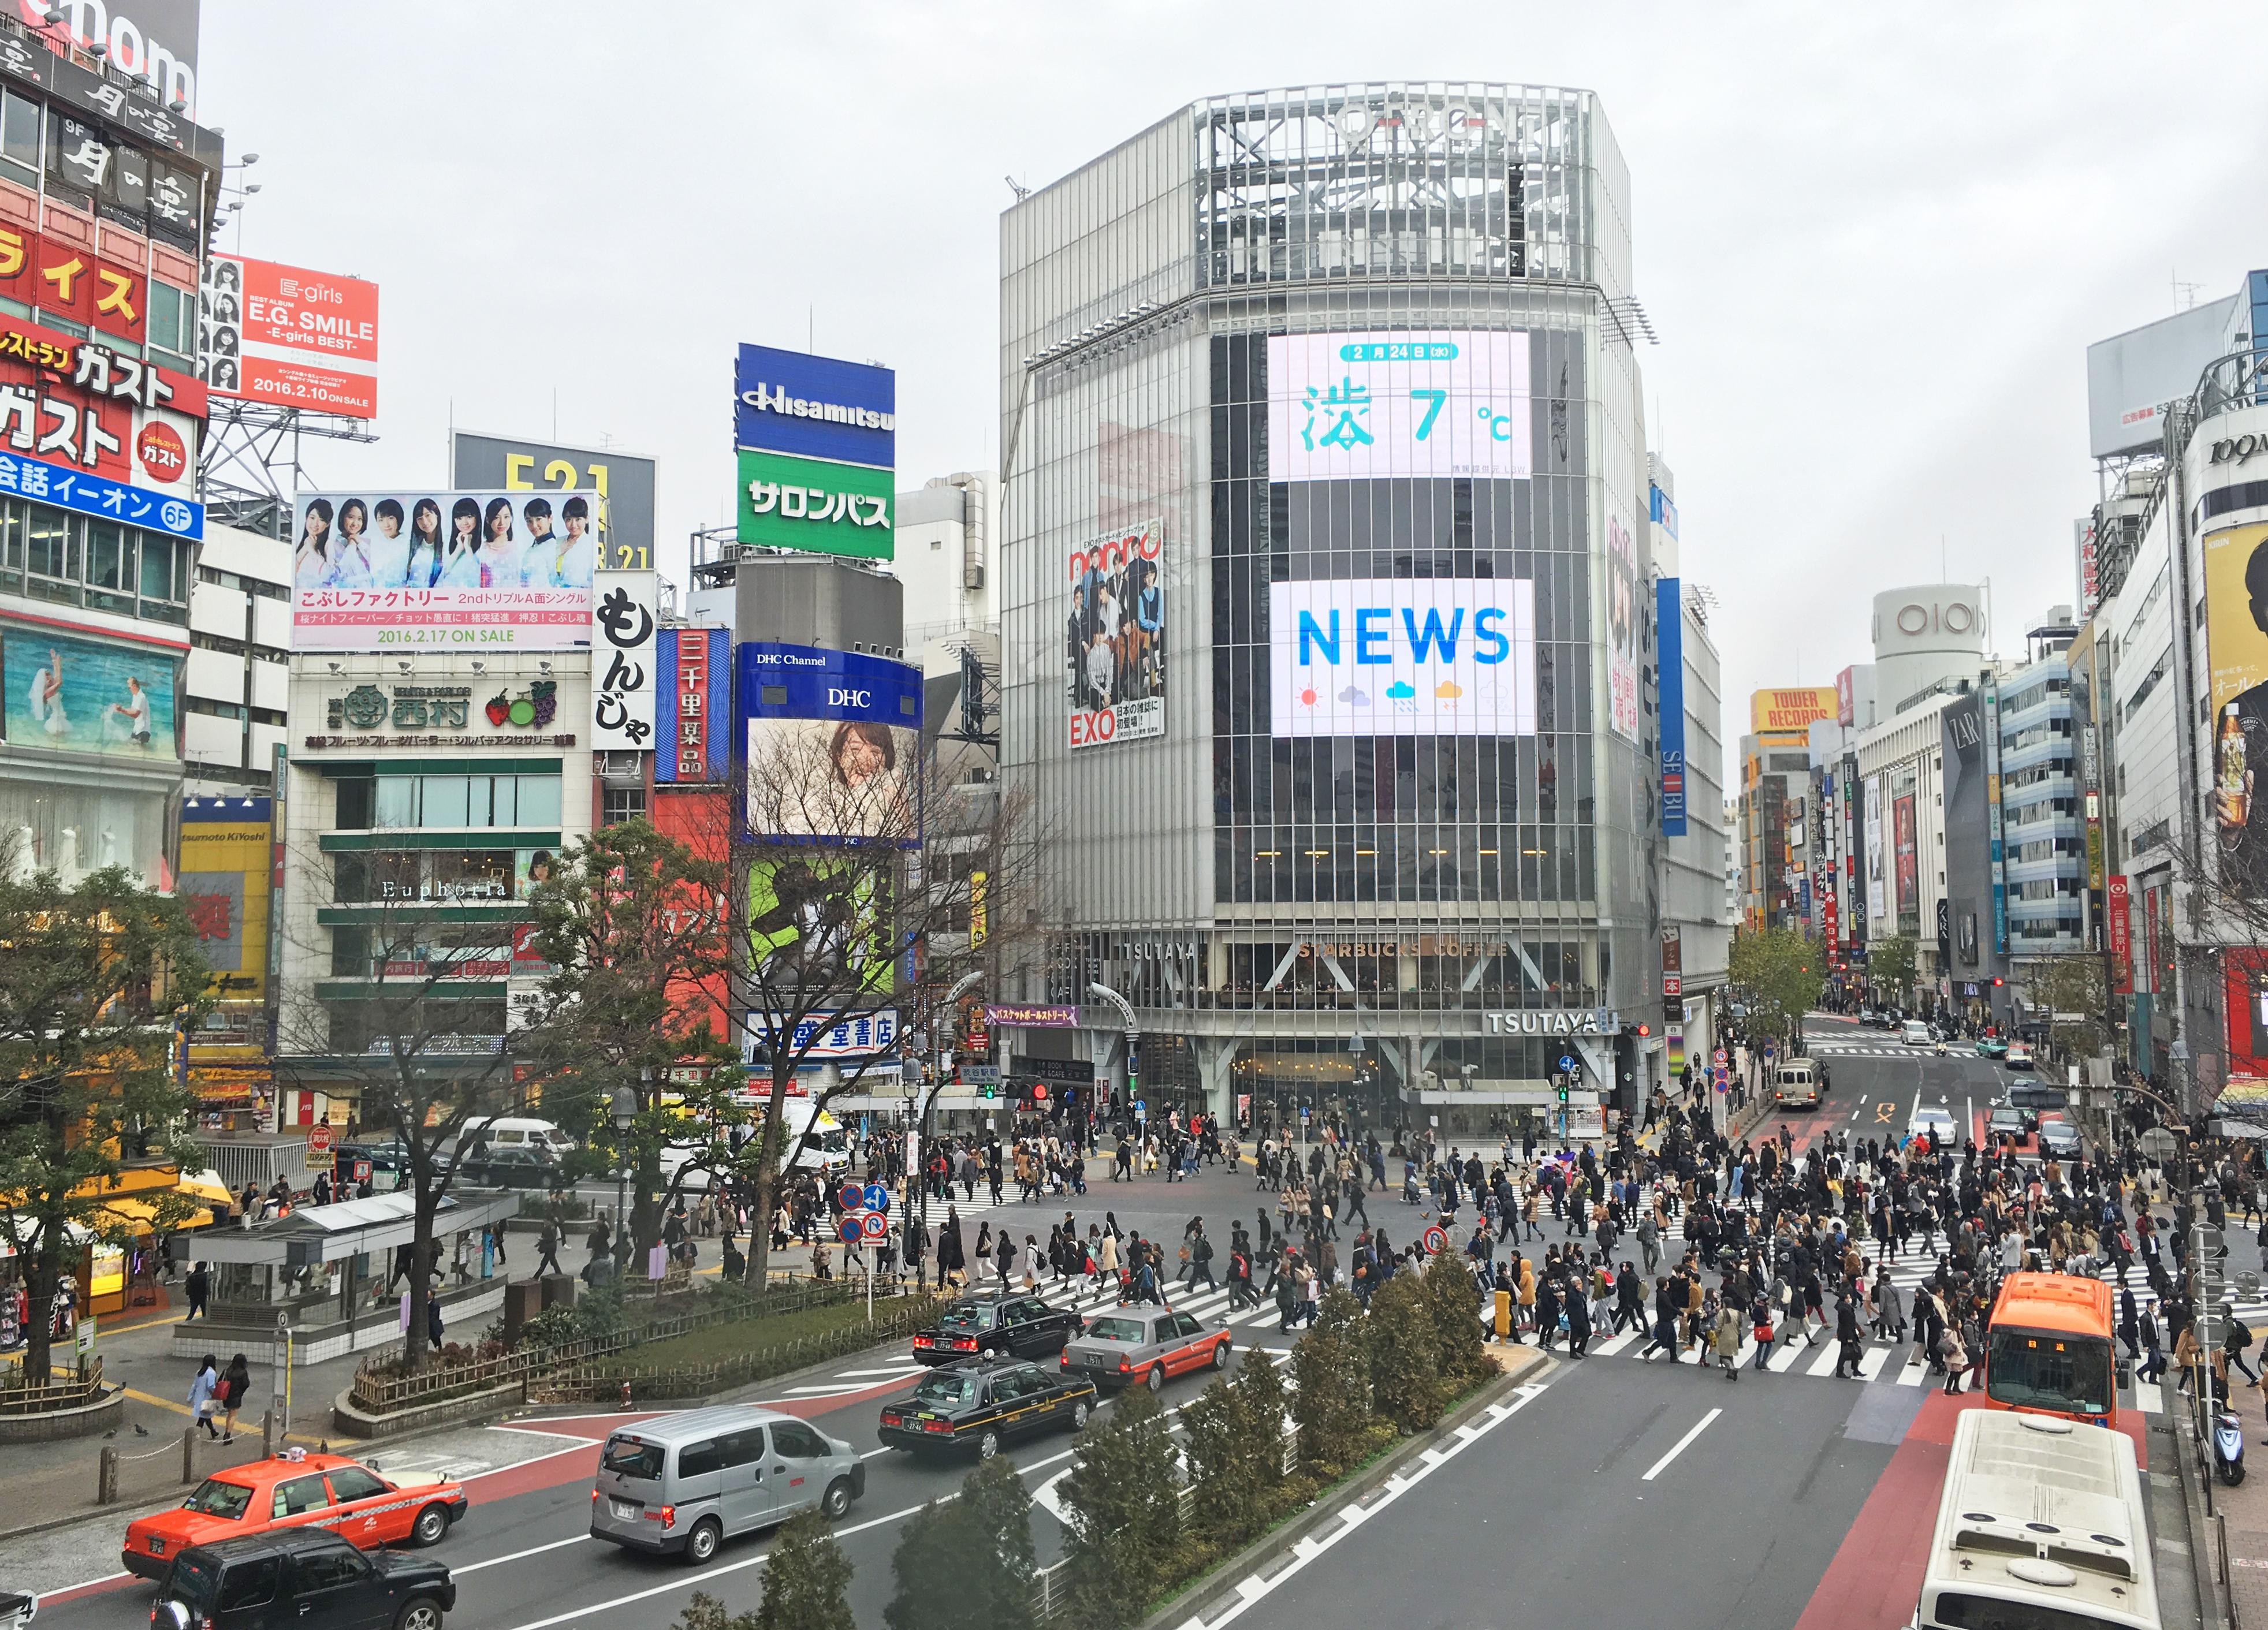 「渋谷」の画像検索結果